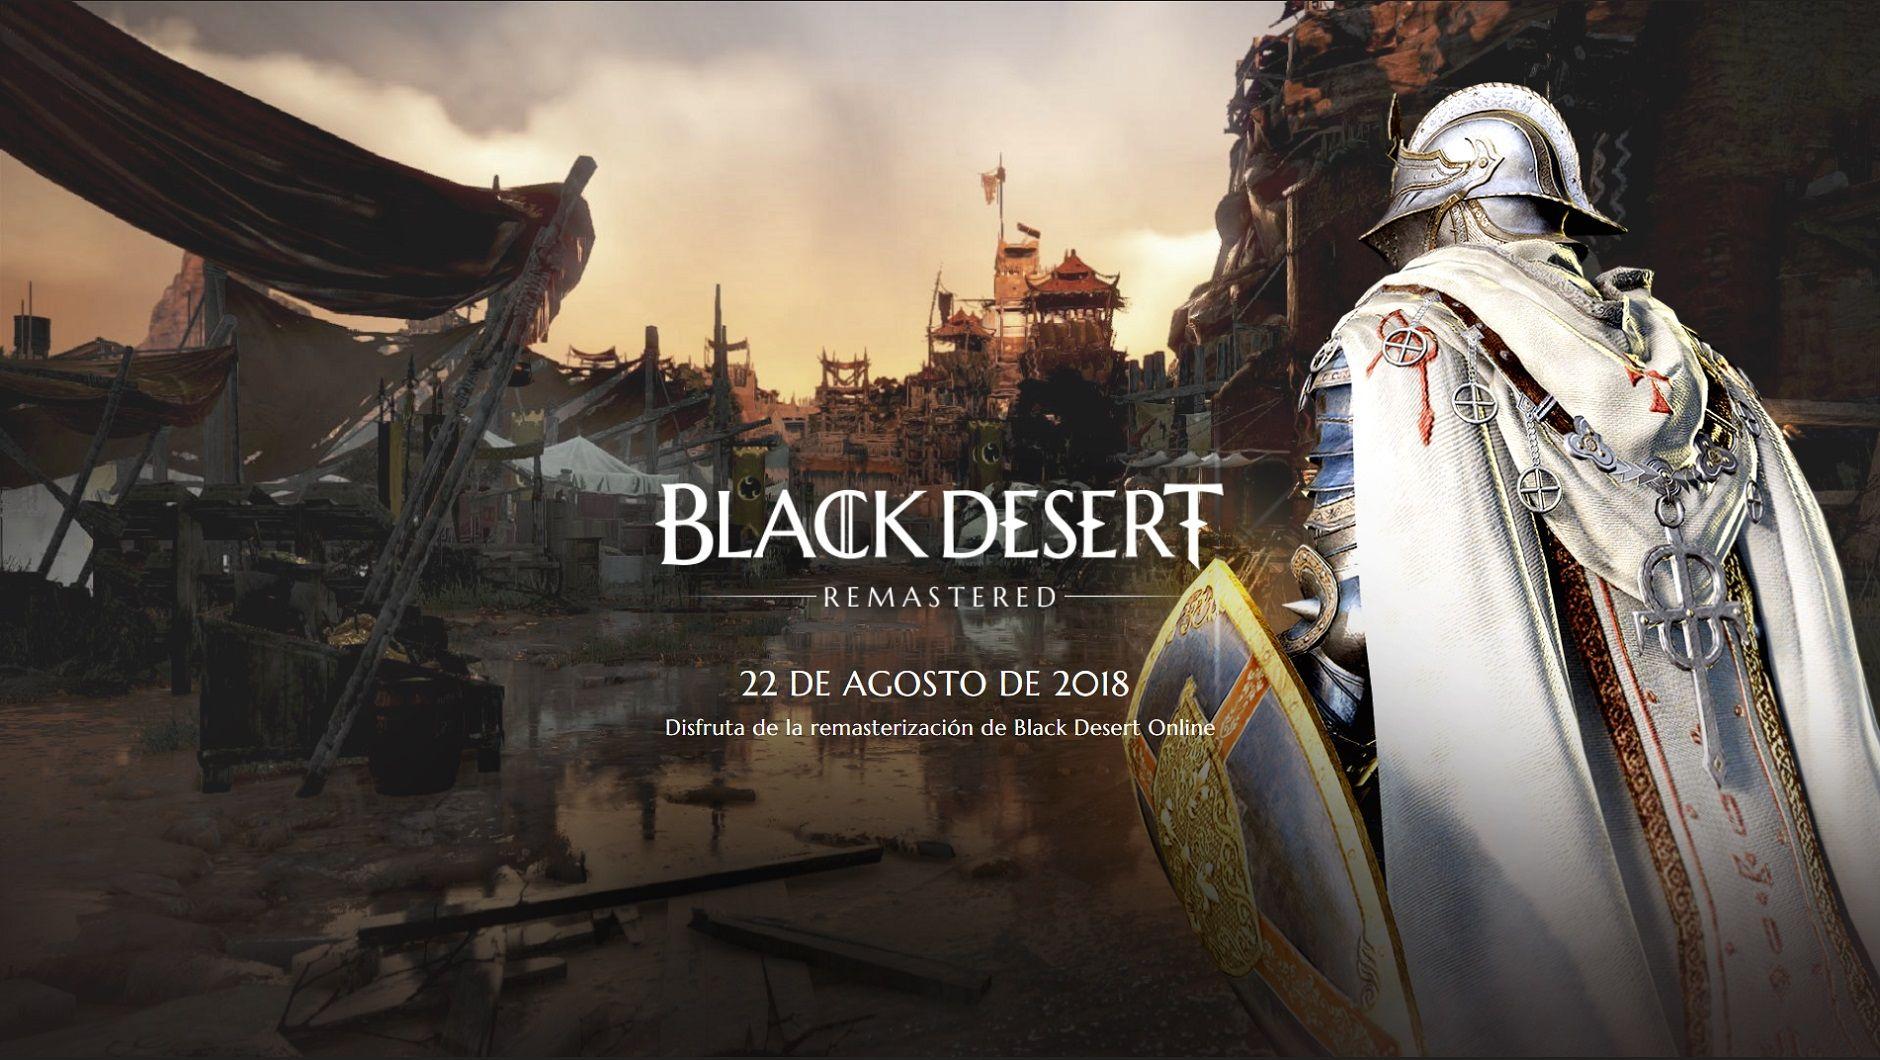 NP: Black Desert Online rediseña el Modo Horda de la Grieta Salvaje e introduce cambios en su jugabilidad